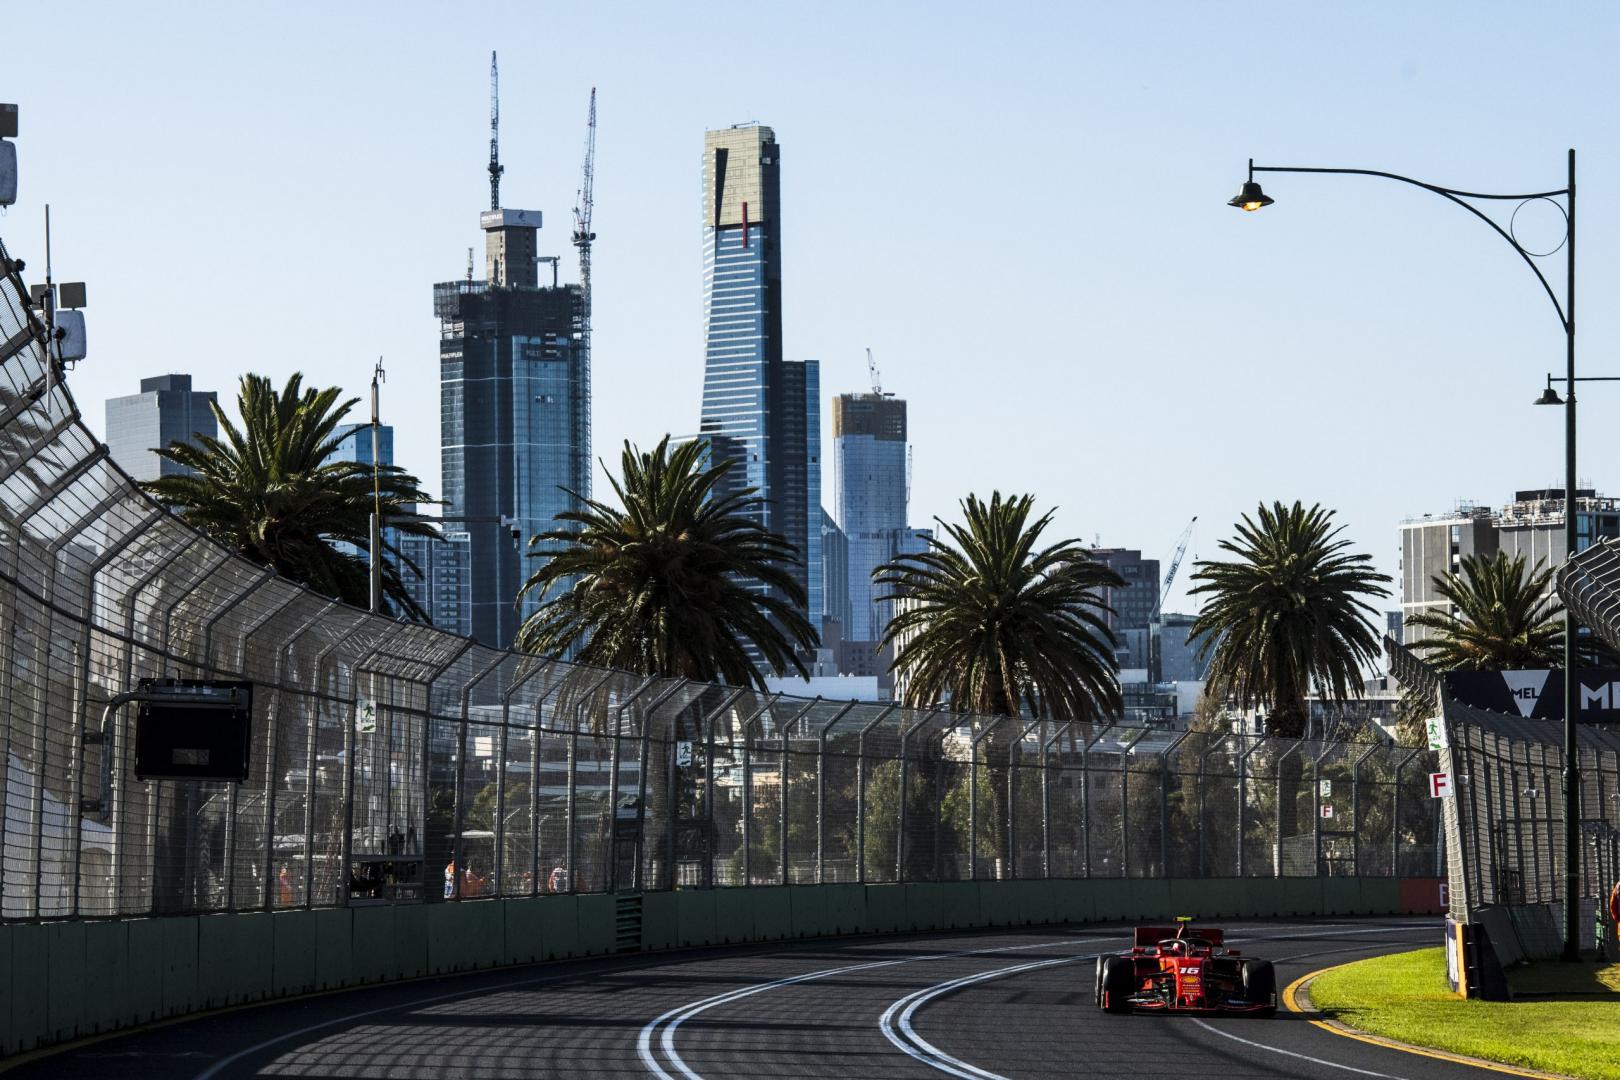 Kwalificatie van de GP van Australie 2019